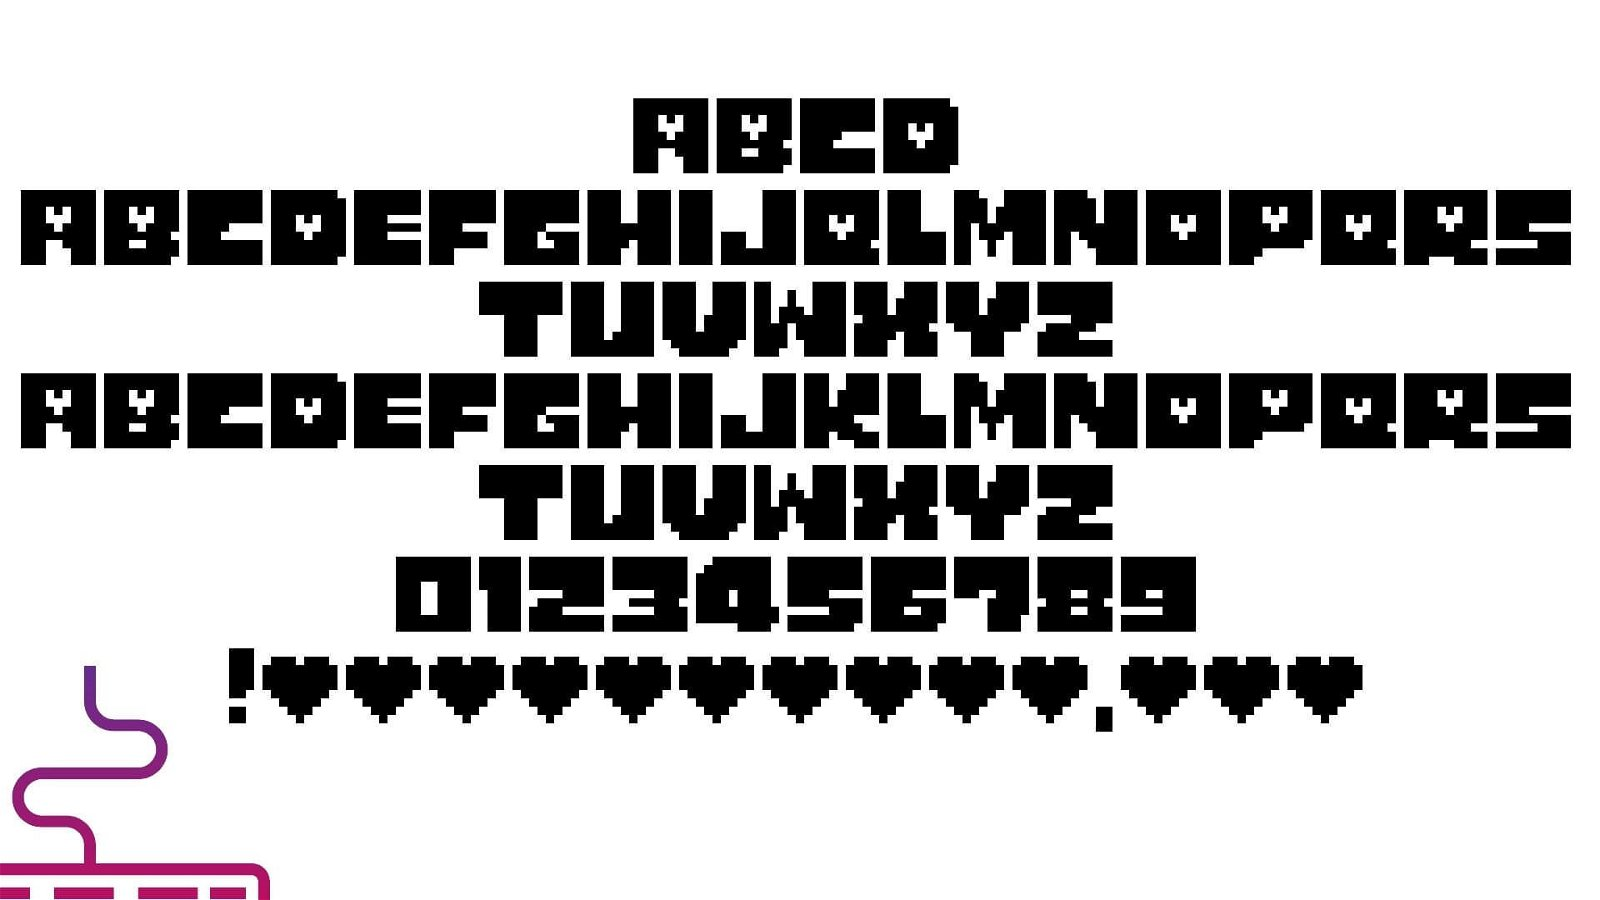 Undertale Logo Font View